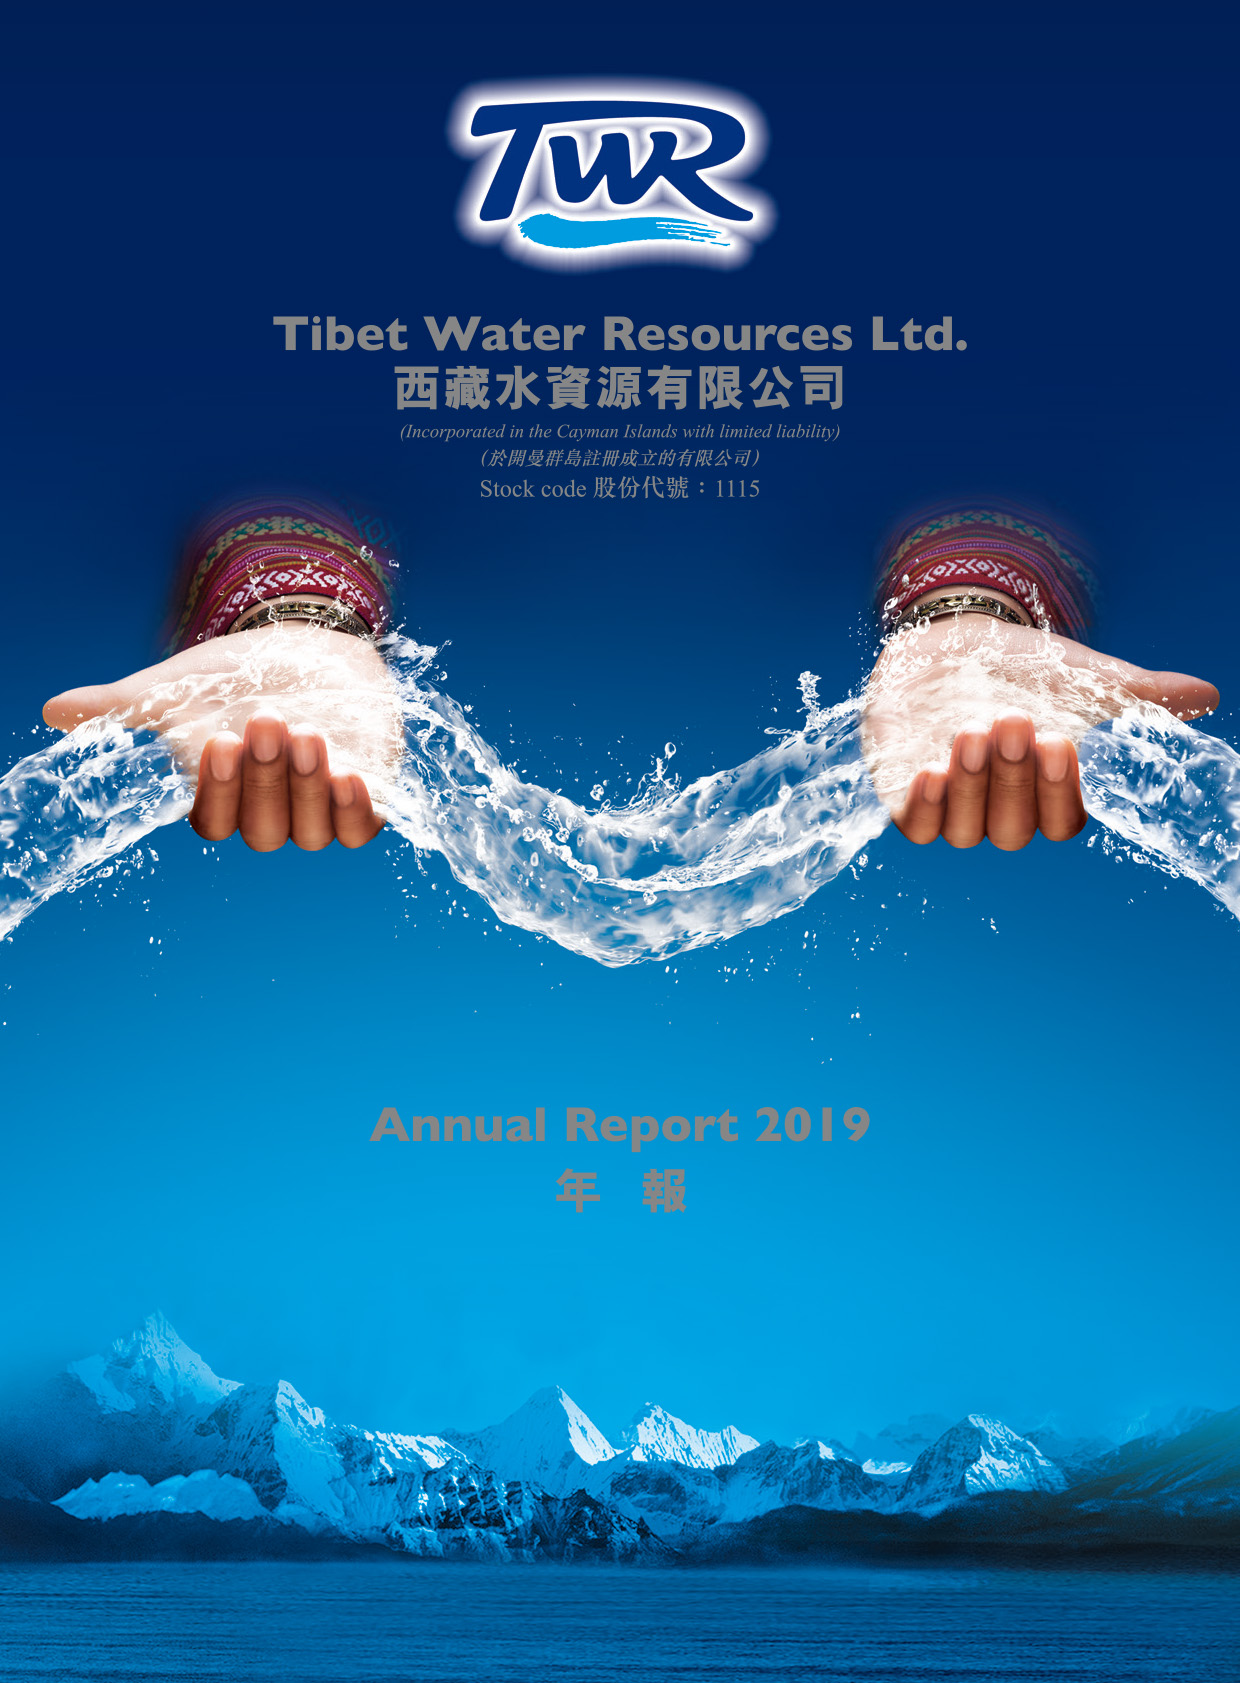 西藏水资源有限公司